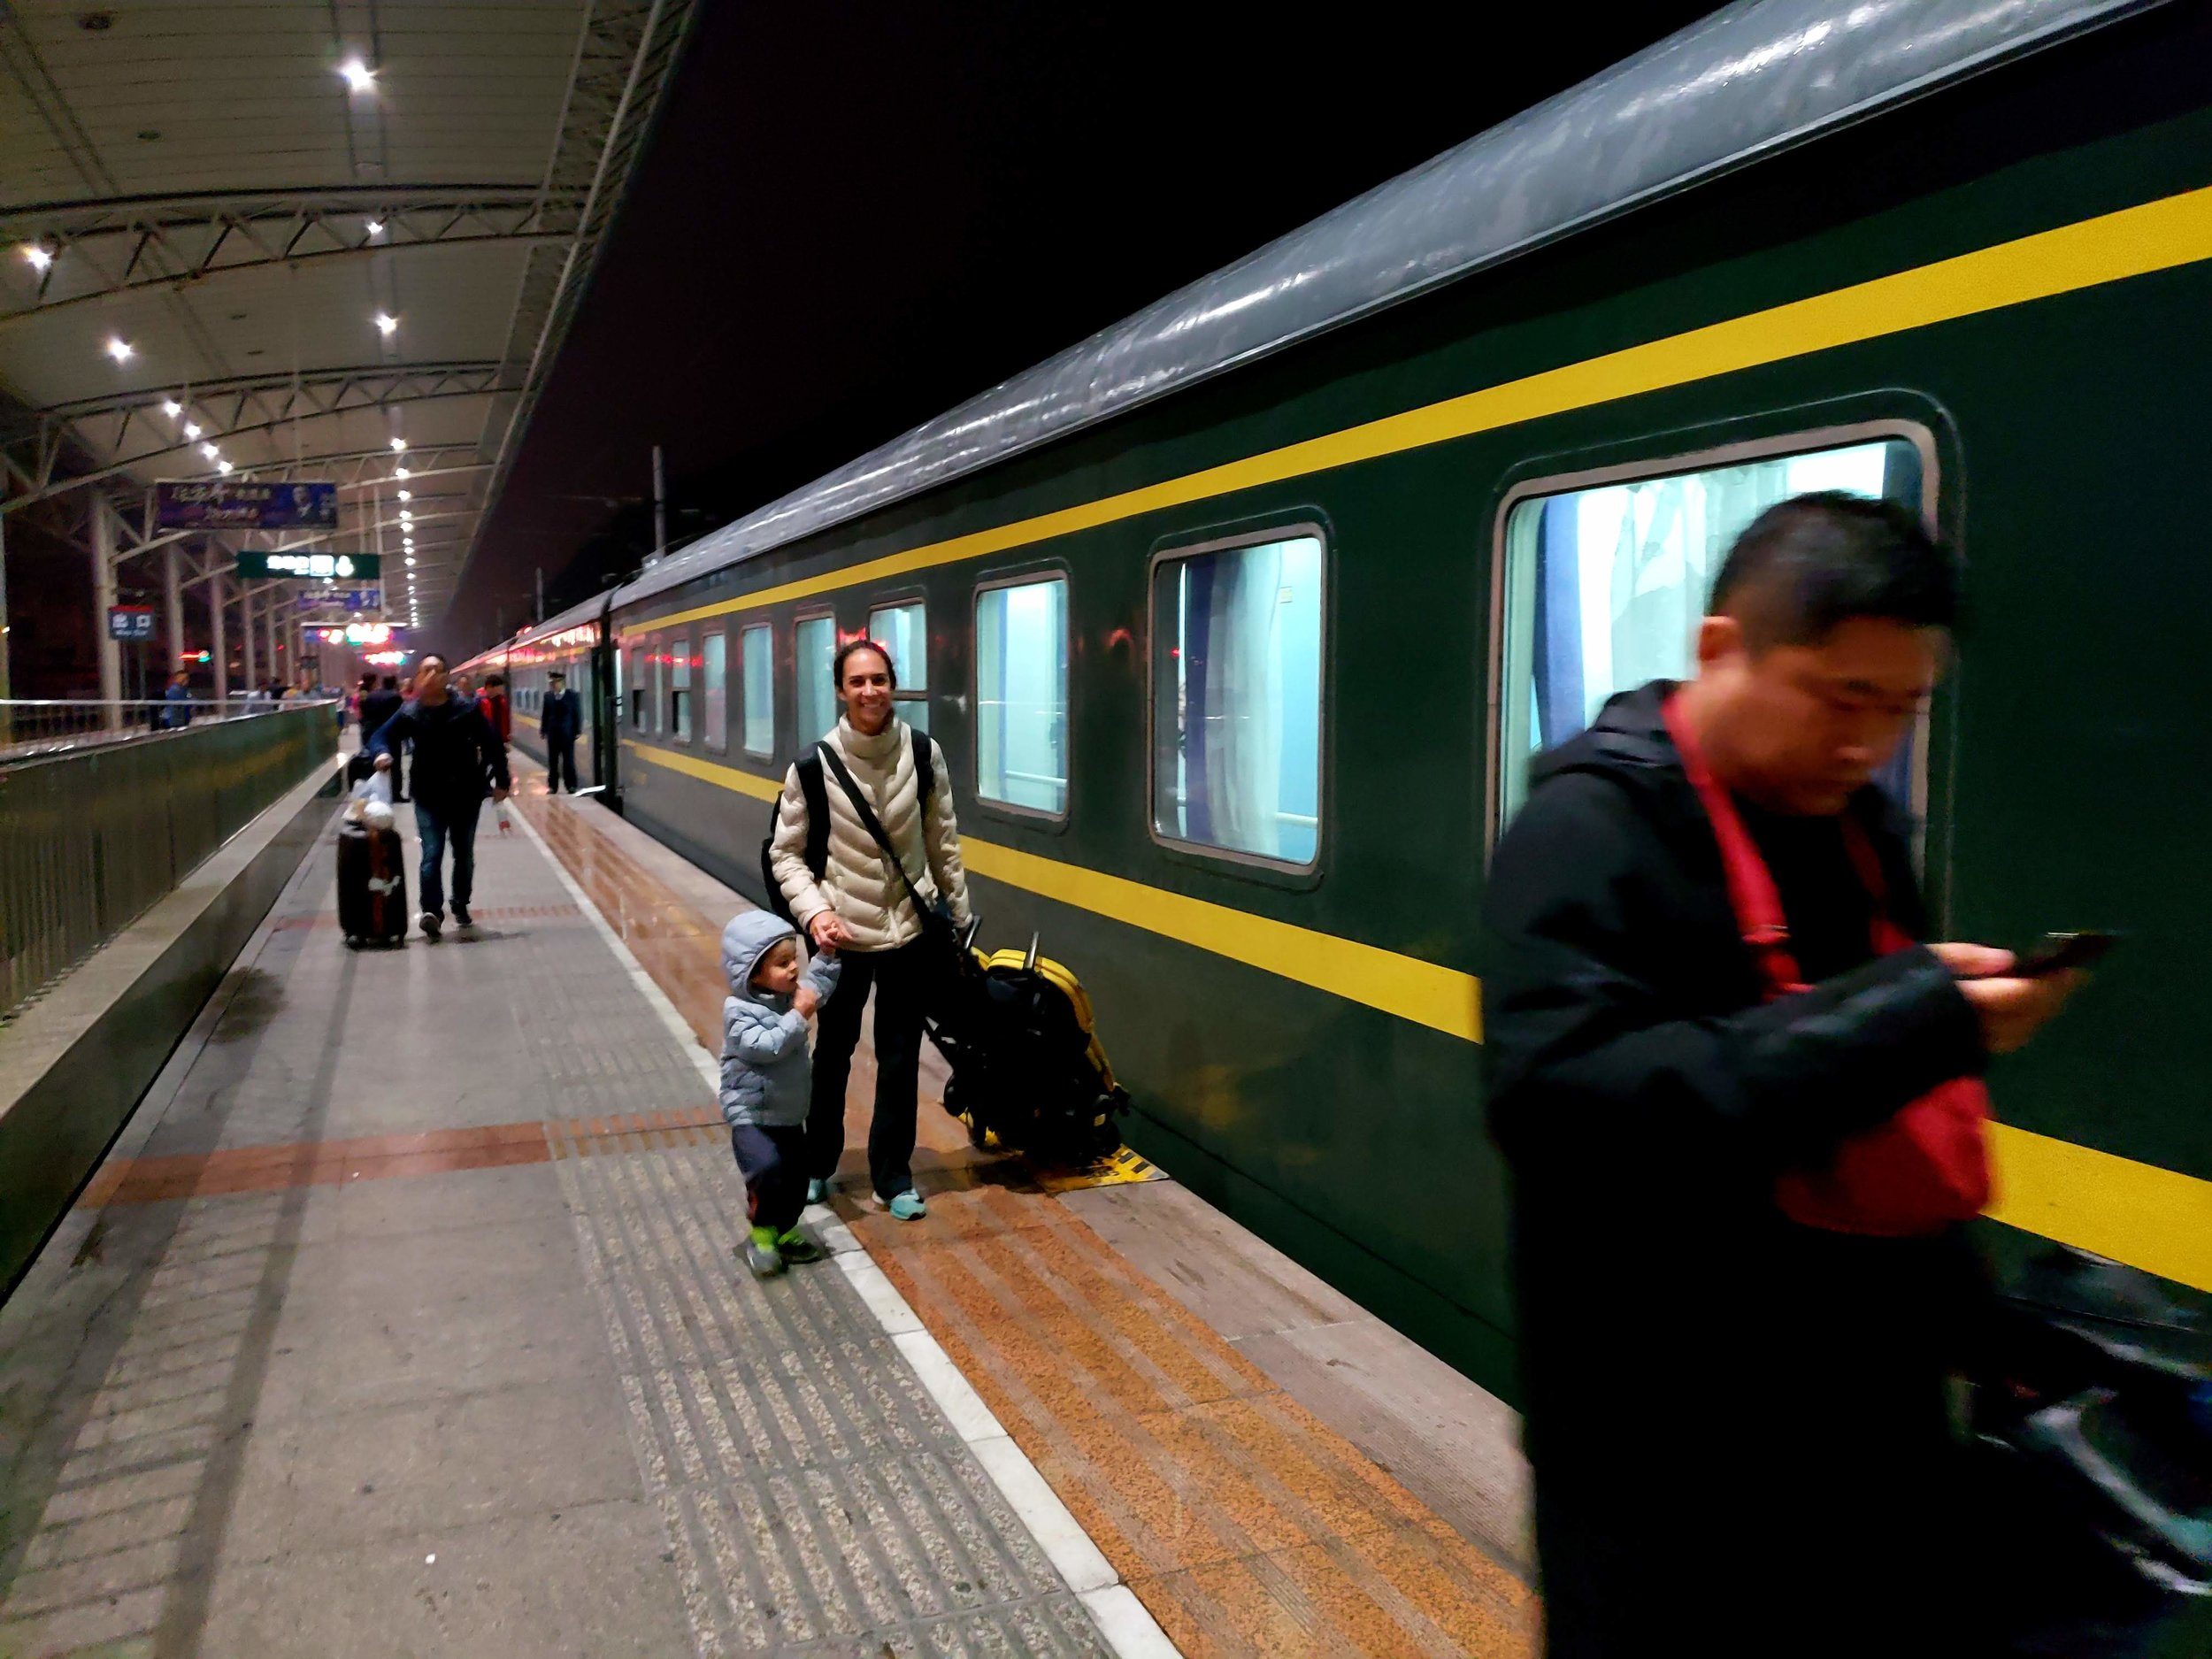 Trem noturno, com design mais antigo, mas muito bem conservado